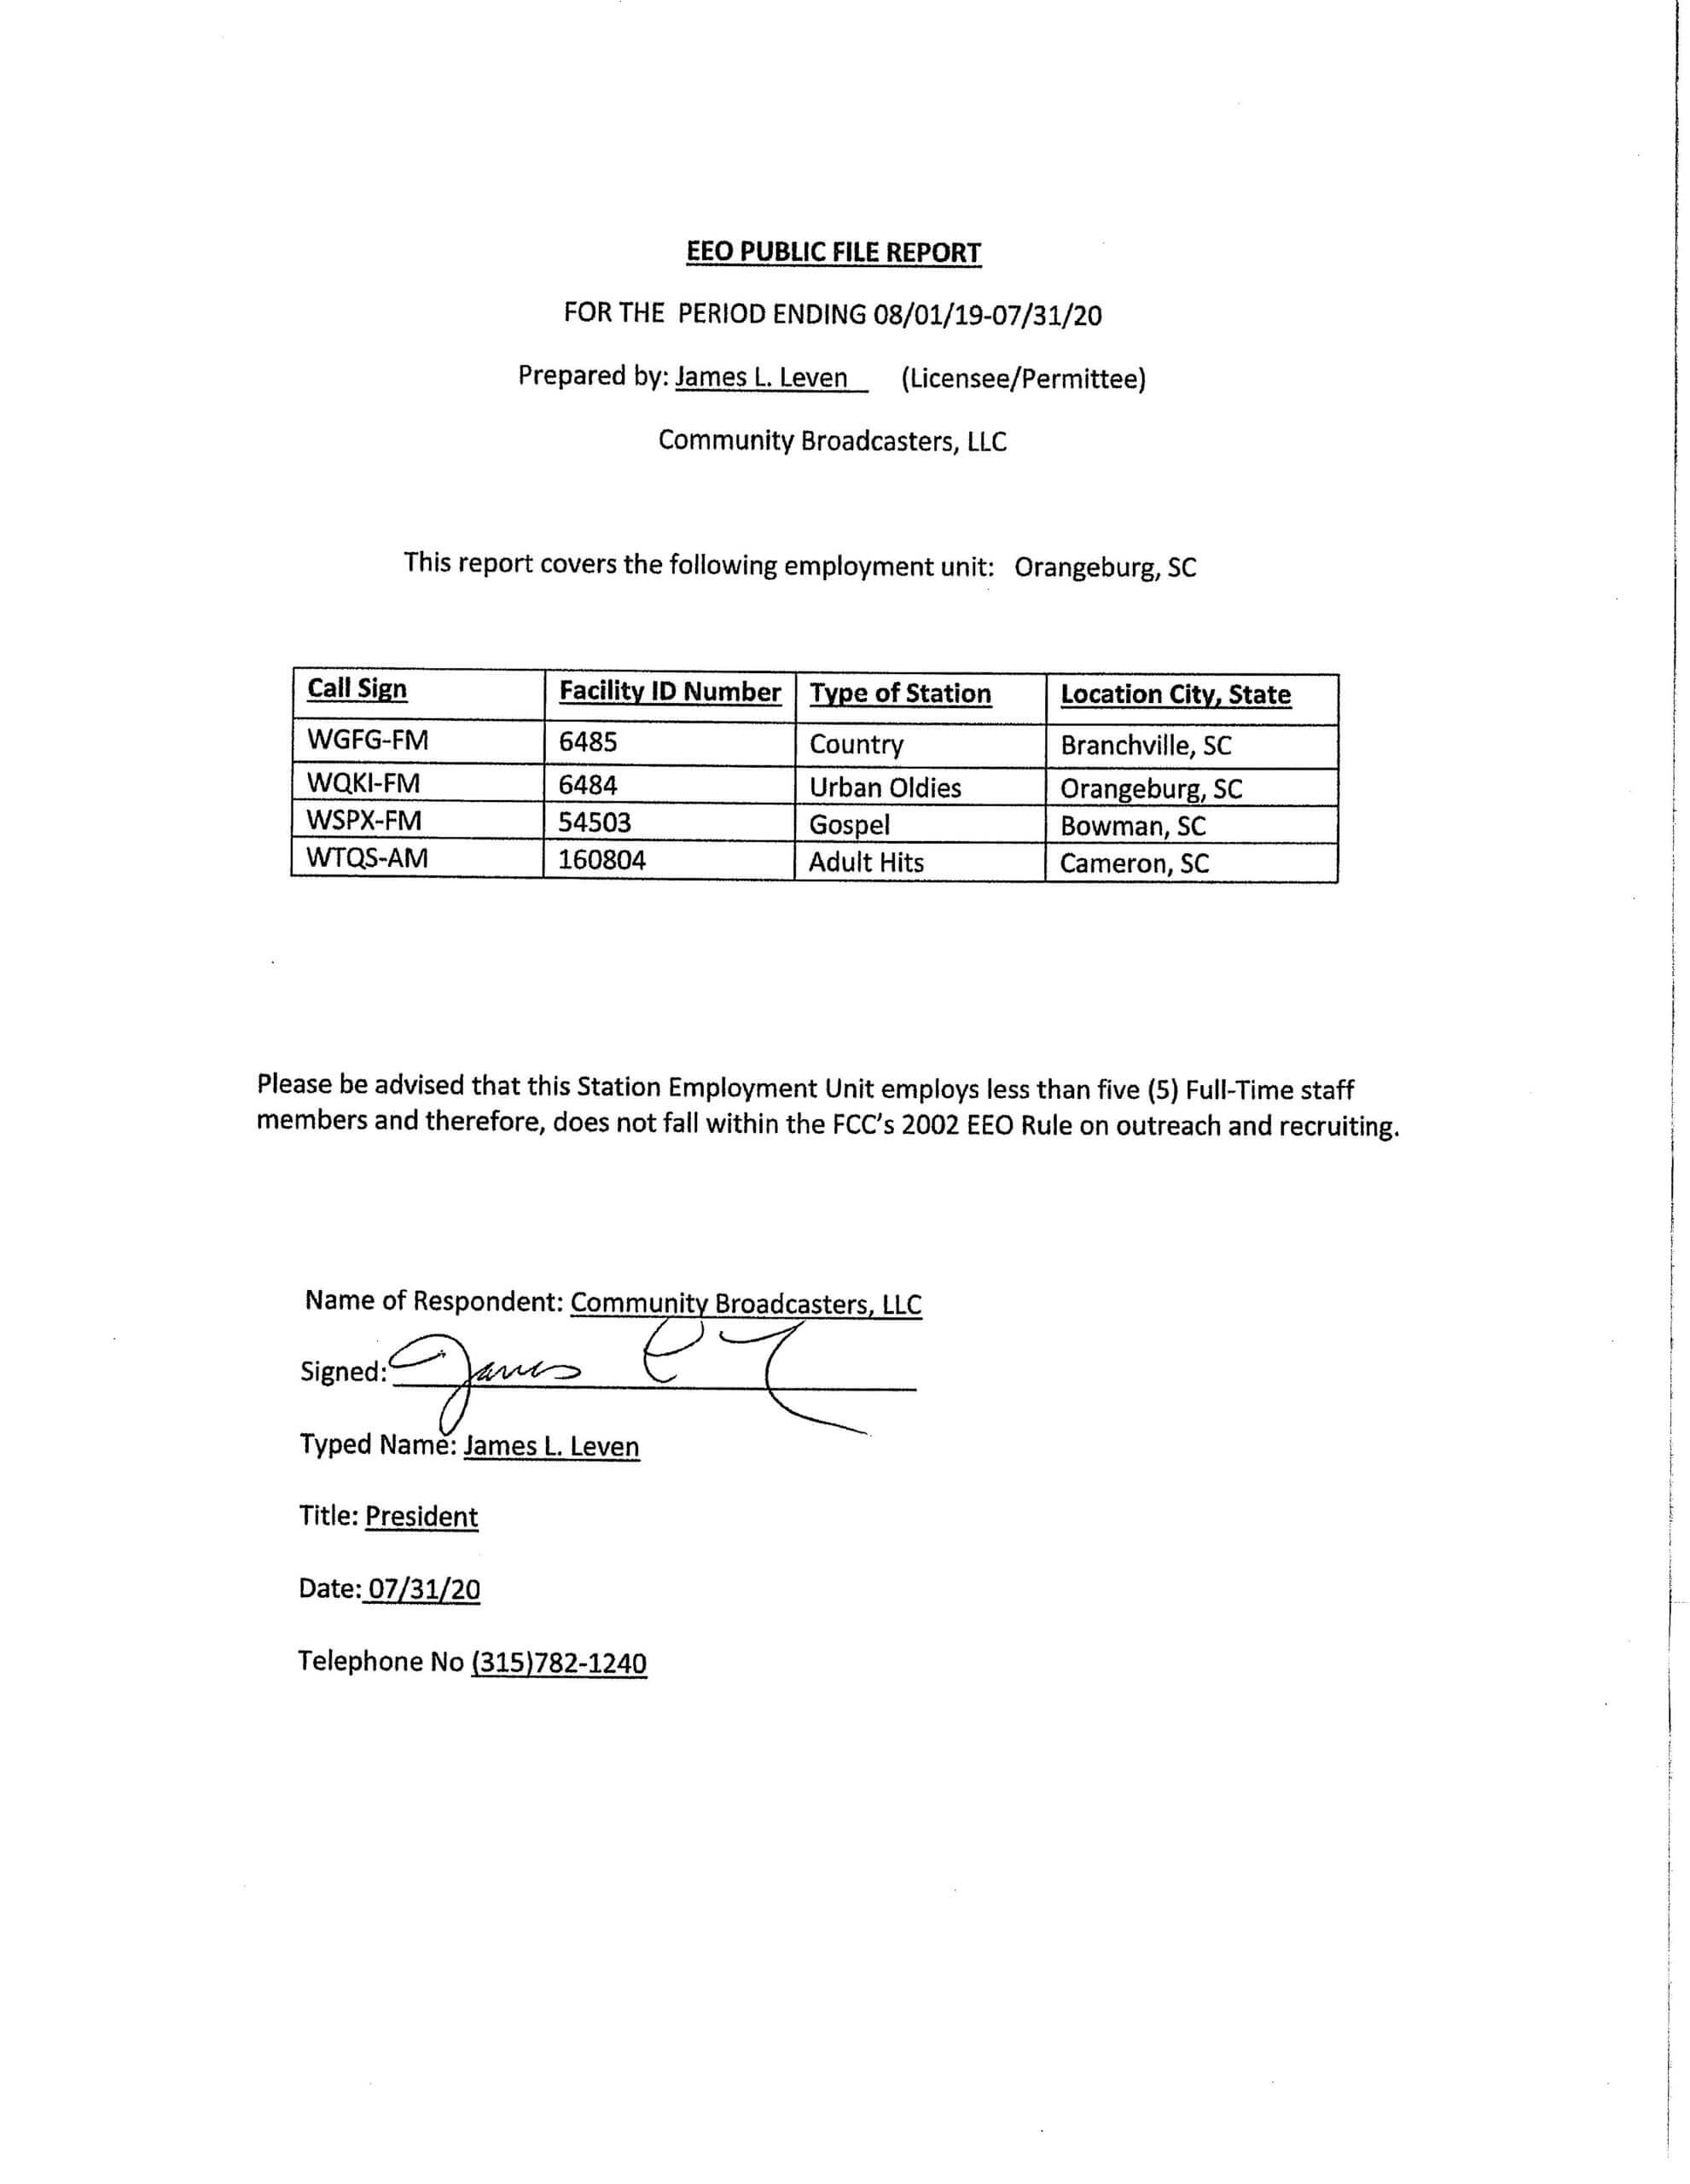 EEO 2020 Orangeburg[2]_Page_1_Image_0001